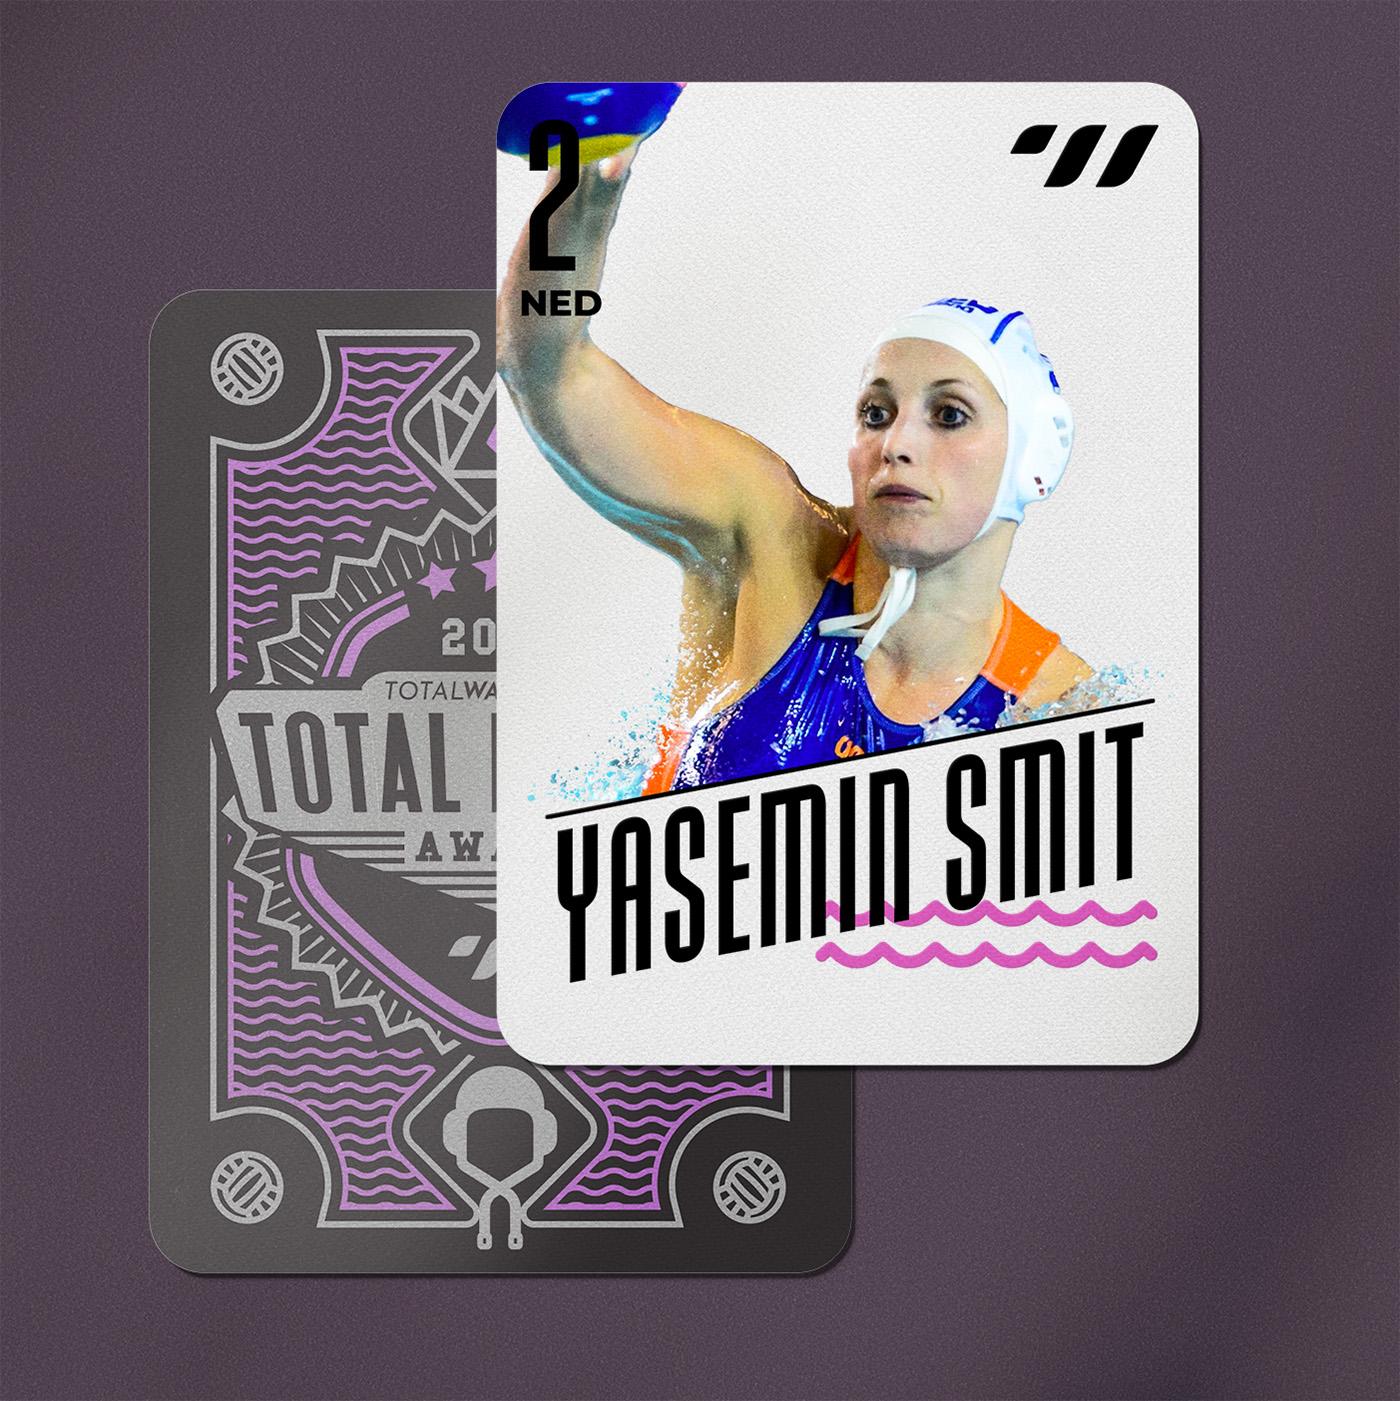 CENTER BACK - Yasemin Smit (NED)